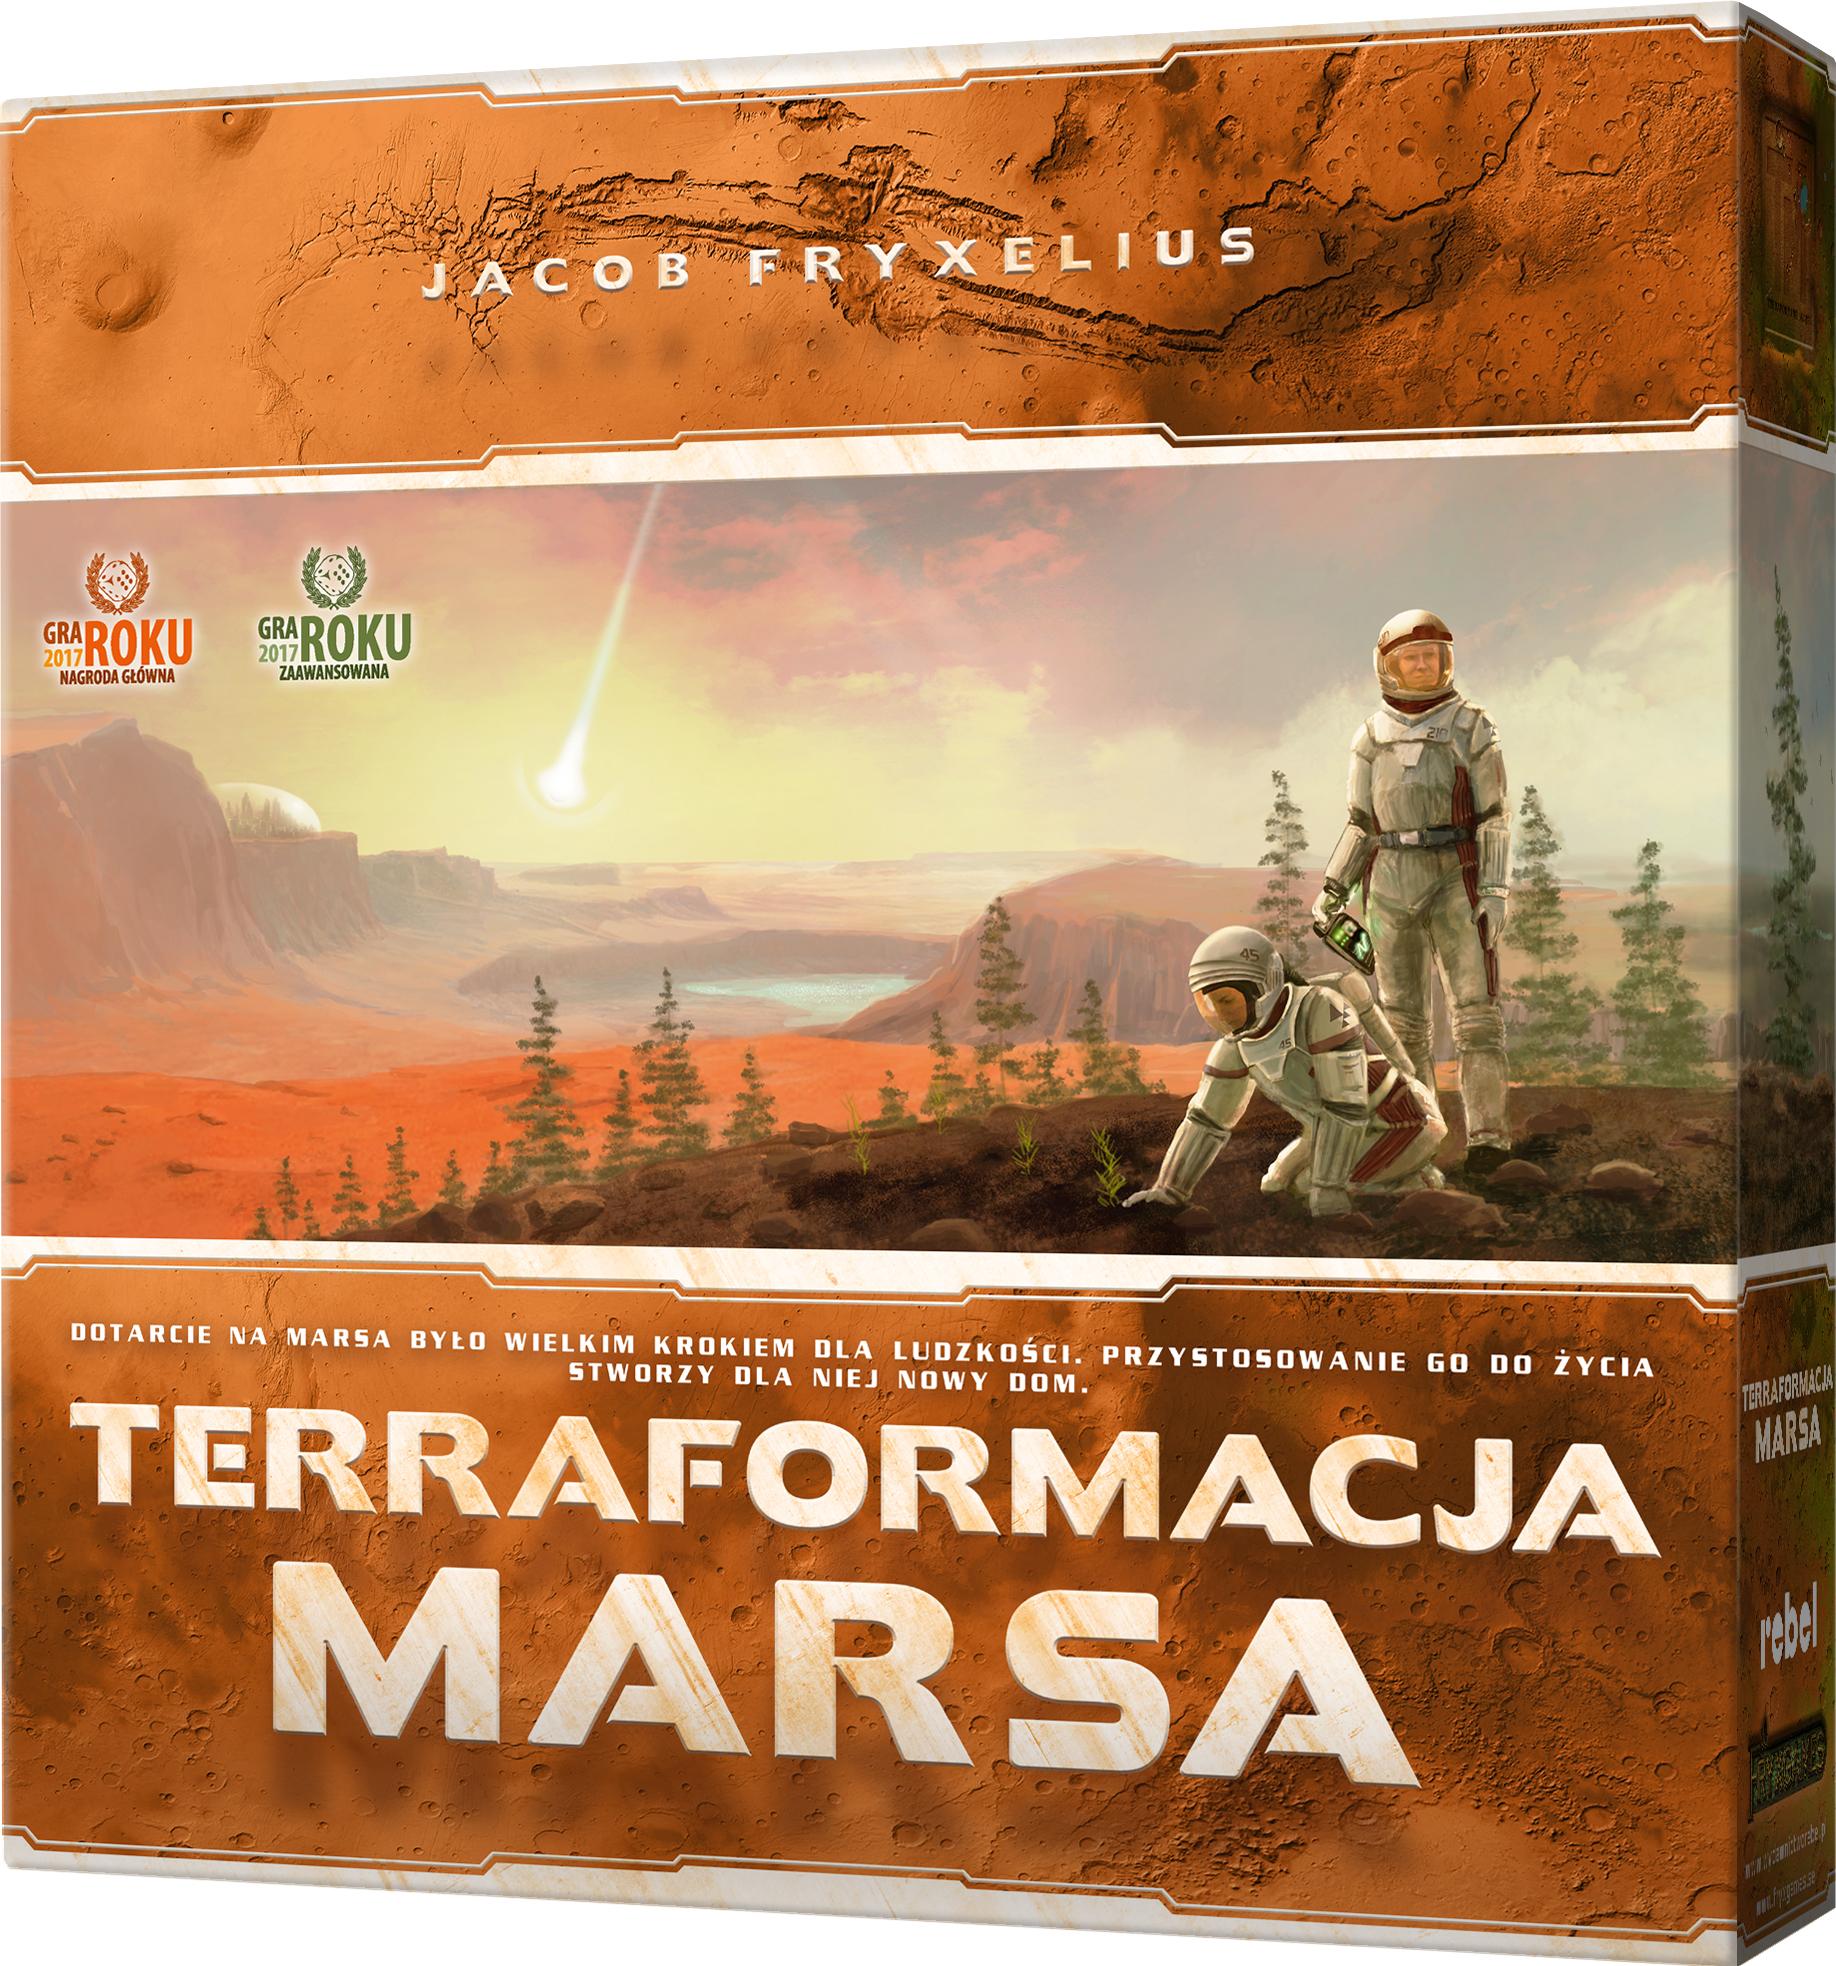 Terraformacja Marsa (edycja gra roku) (Gra Planszowa)